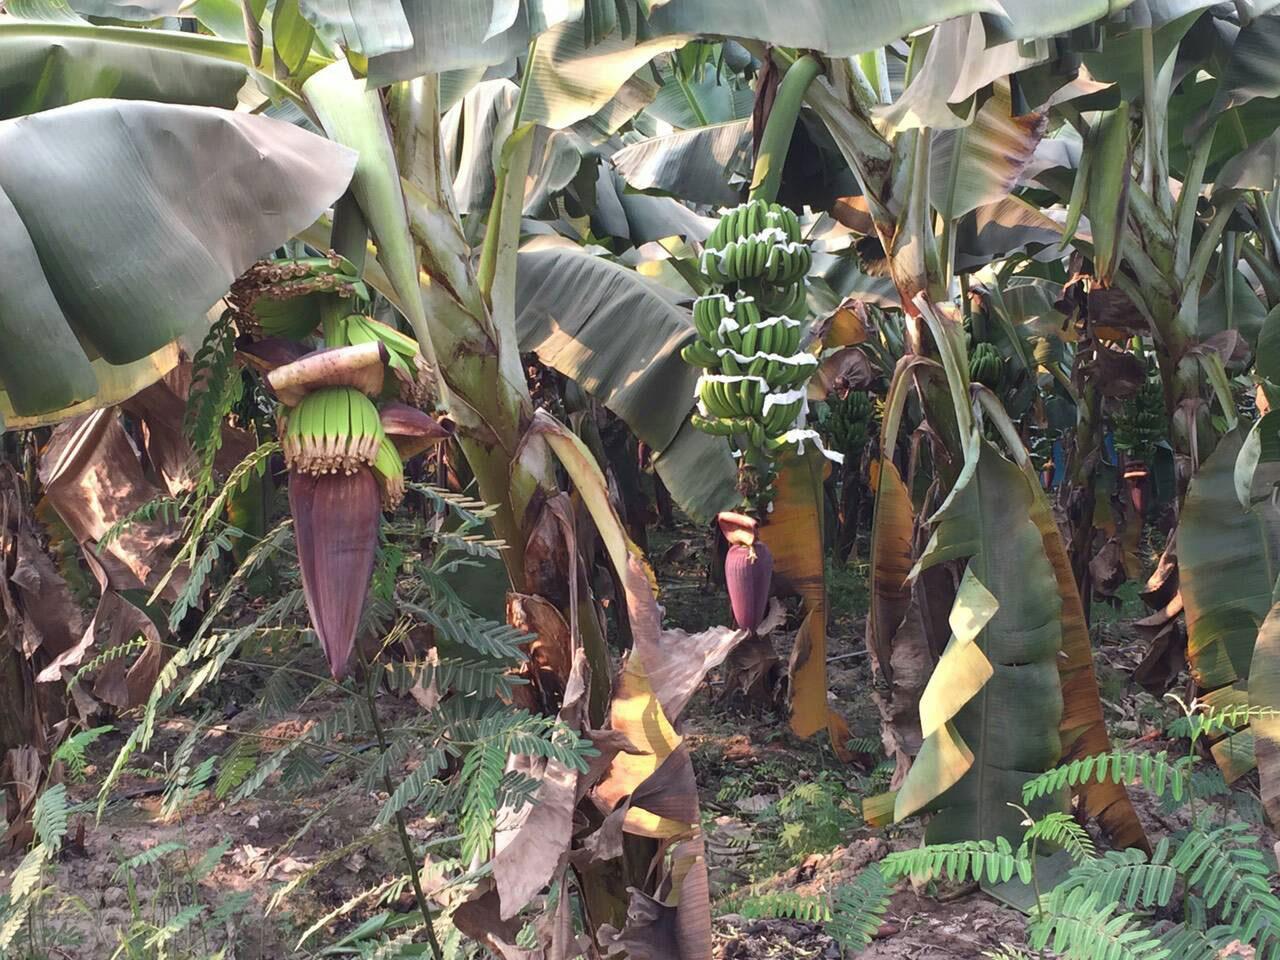 ทางอำเภอจะมีการประชุมอีกครั้งว่า การที่กลุ่มทุนมาลงทุนปลูกสวนกล้วยหอมส่งออก ประชาชนจะได้อะไร ทางบริษัทจะสร้างประโยชน์ให้กับพื้นที่อย่างไร